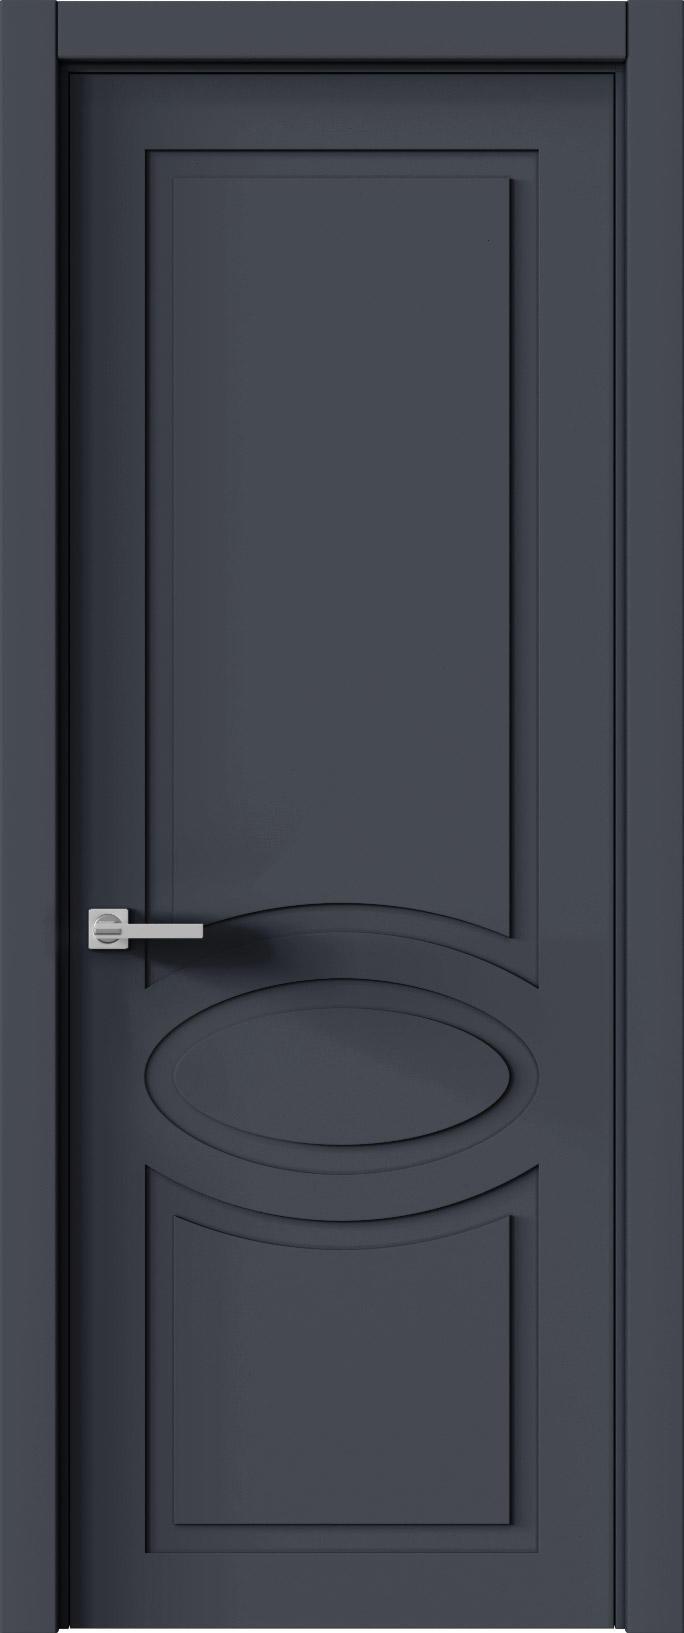 Tivoli Н-5 цвет - Графитово-серая эмаль (RAL 7024) Без стекла (ДГ)